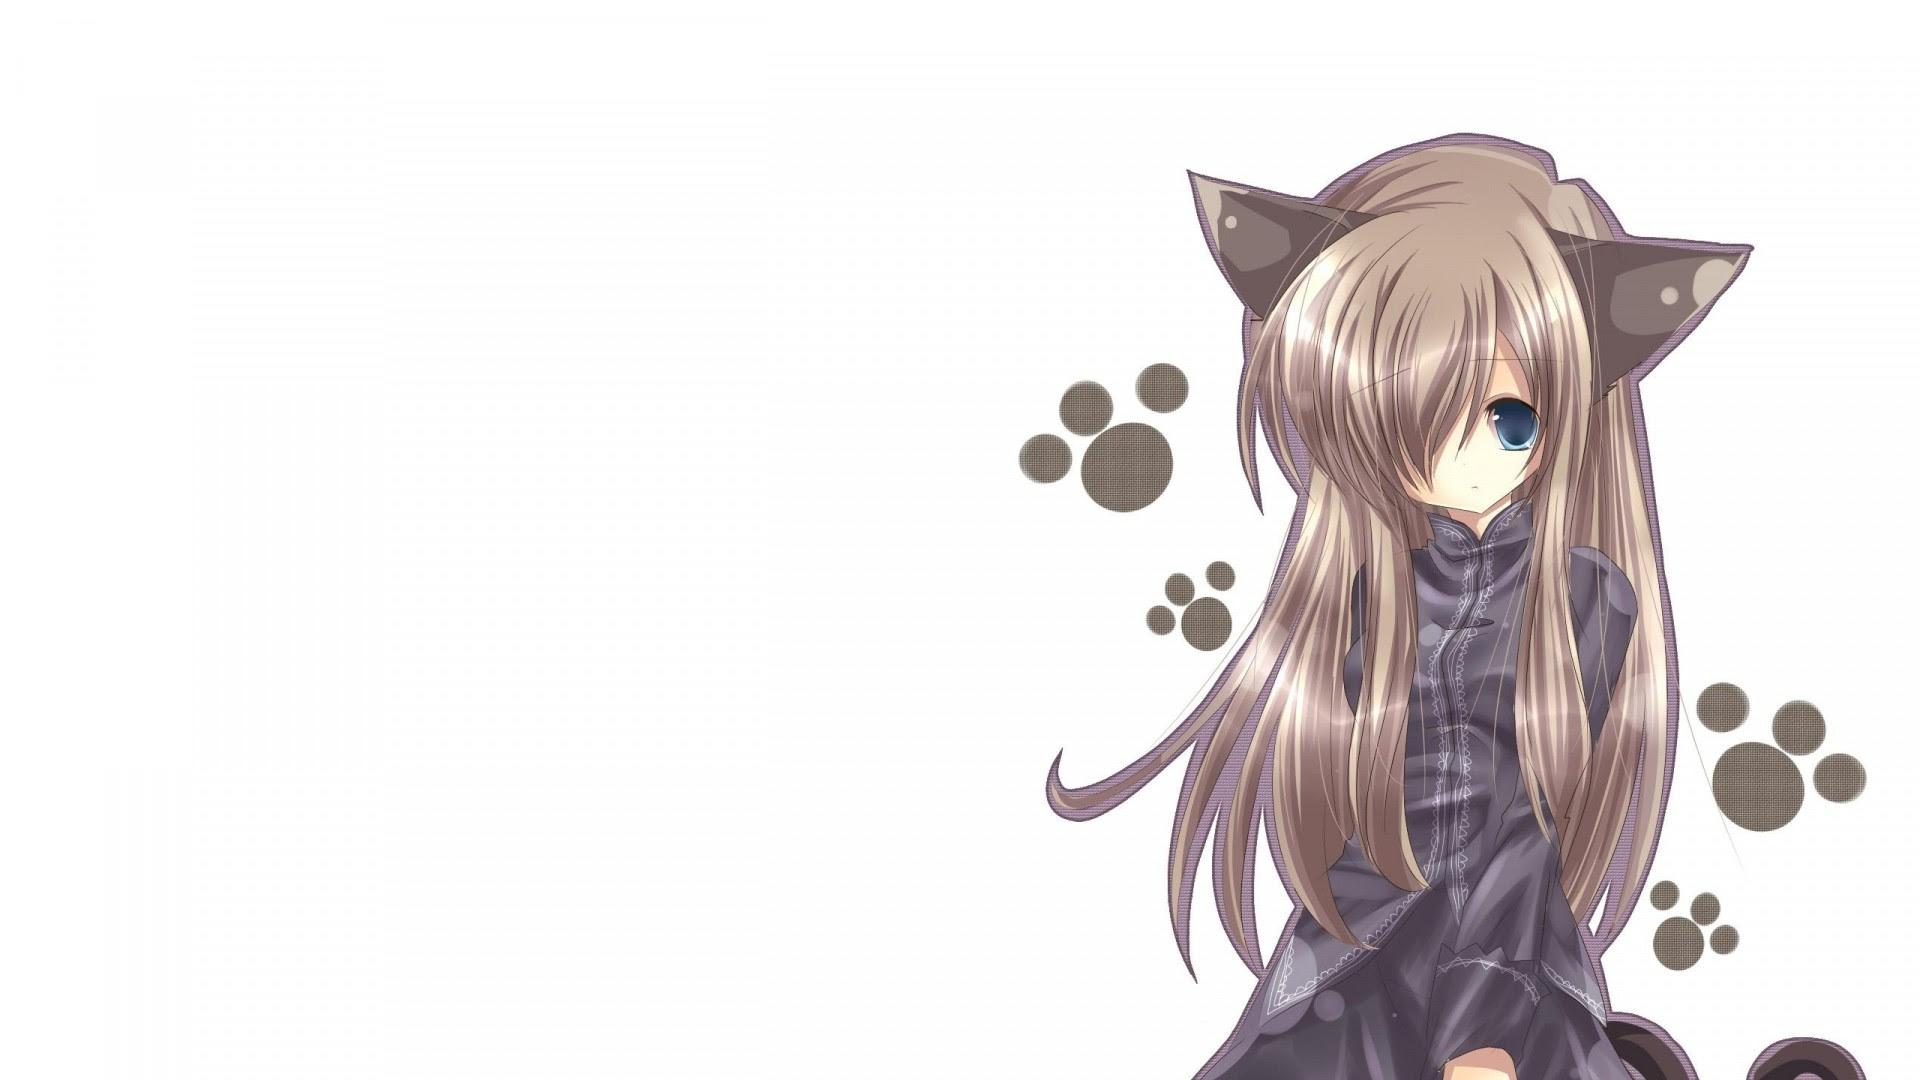 Anime Cat Girl Wallpaper 1920x1080